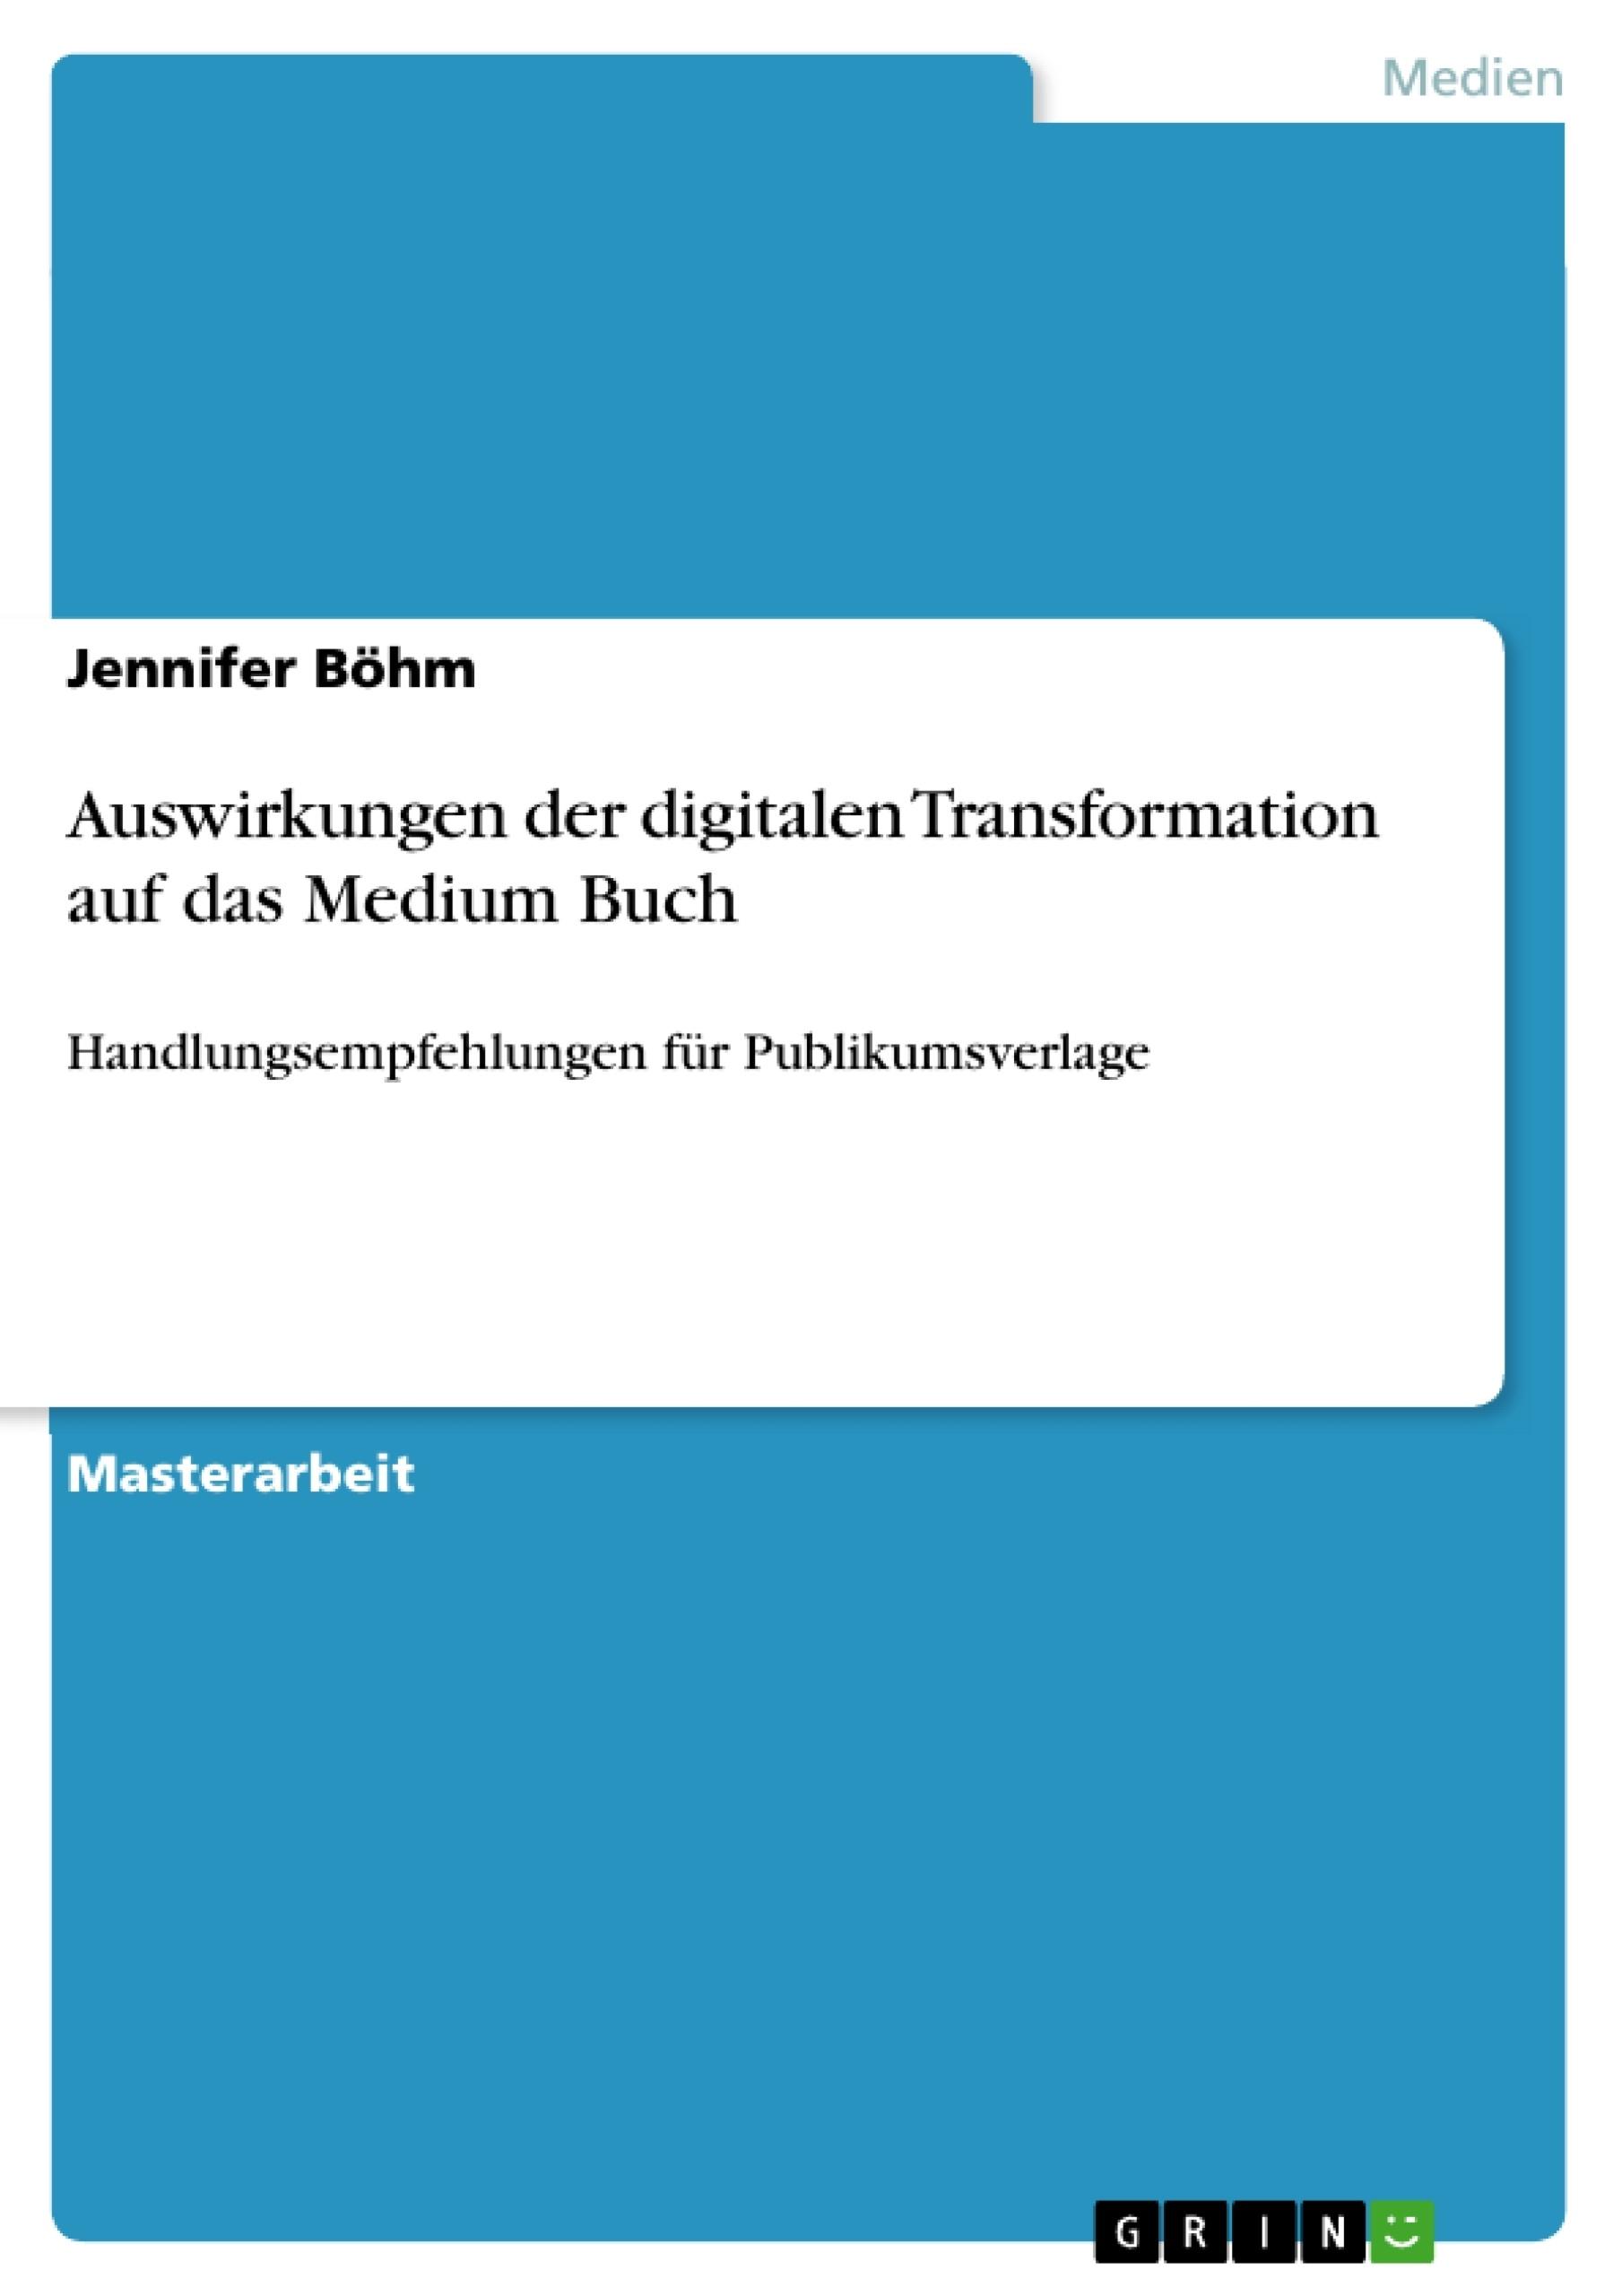 Titel: Auswirkungen der digitalen Transformation auf das Medium Buch